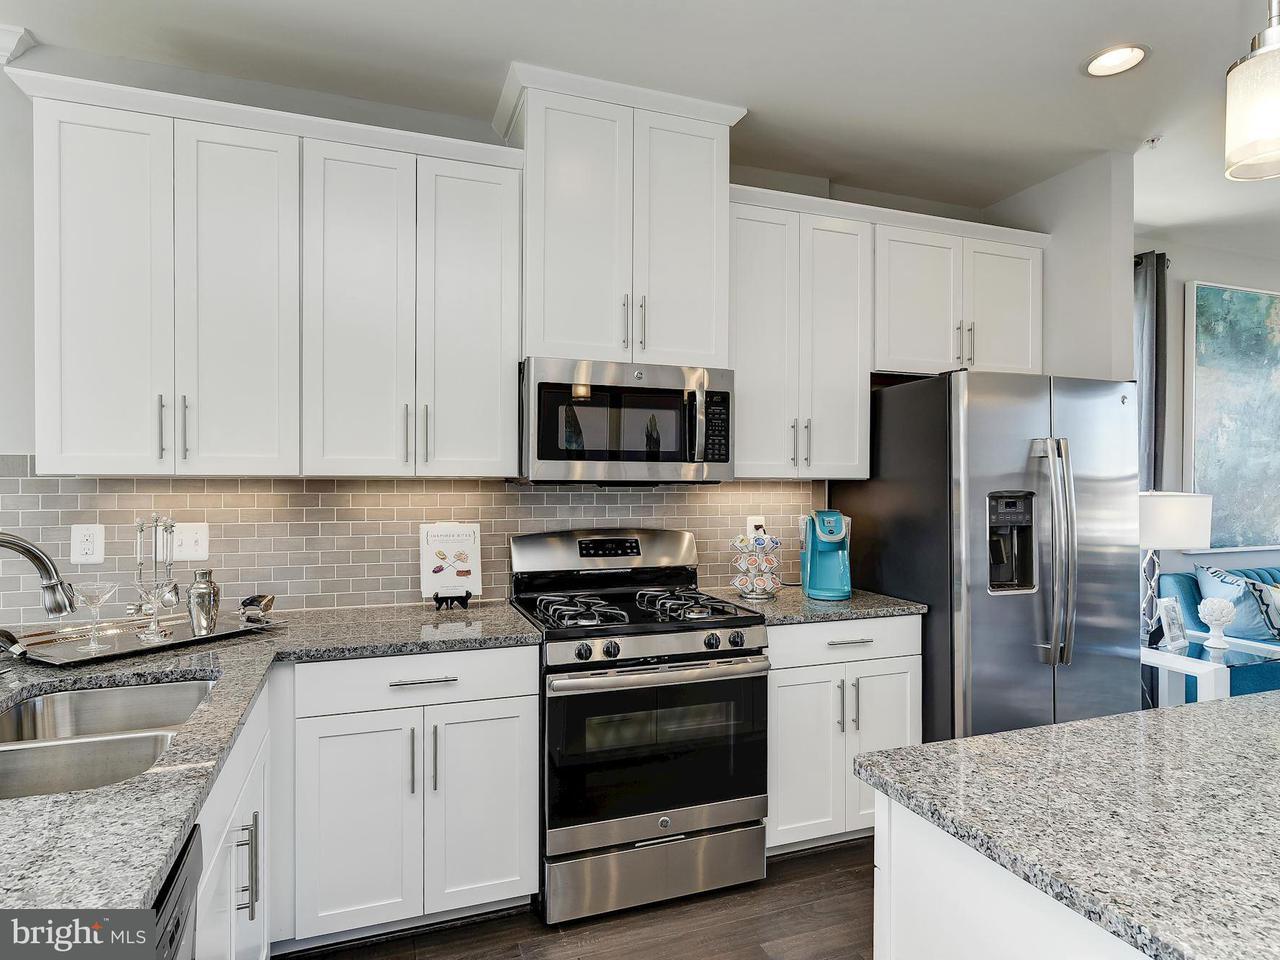 Additional photo for property listing at 3635 JAMISON ST NE 3635 JAMISON ST NE Washington, District Of Columbia 20018 United States